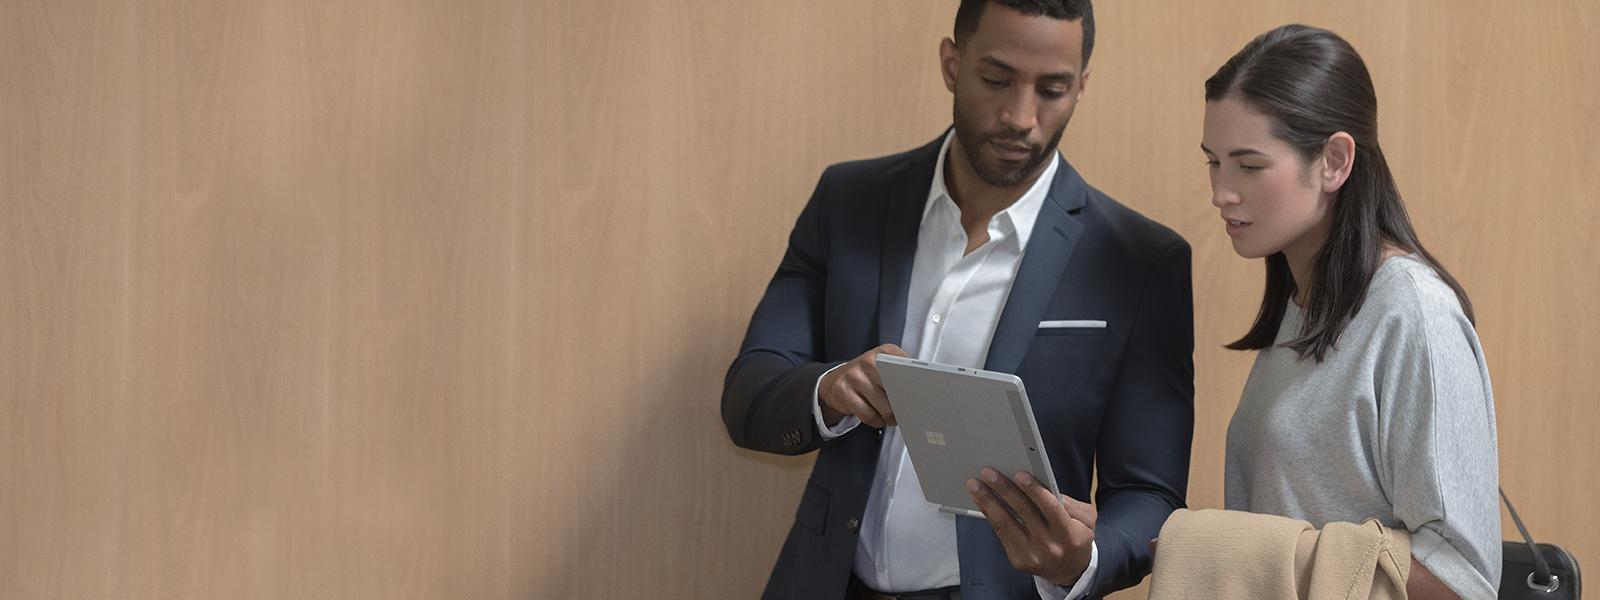 Liikemies ja liikenainen katsomassa Surface Go -laitetta aulatiloissa